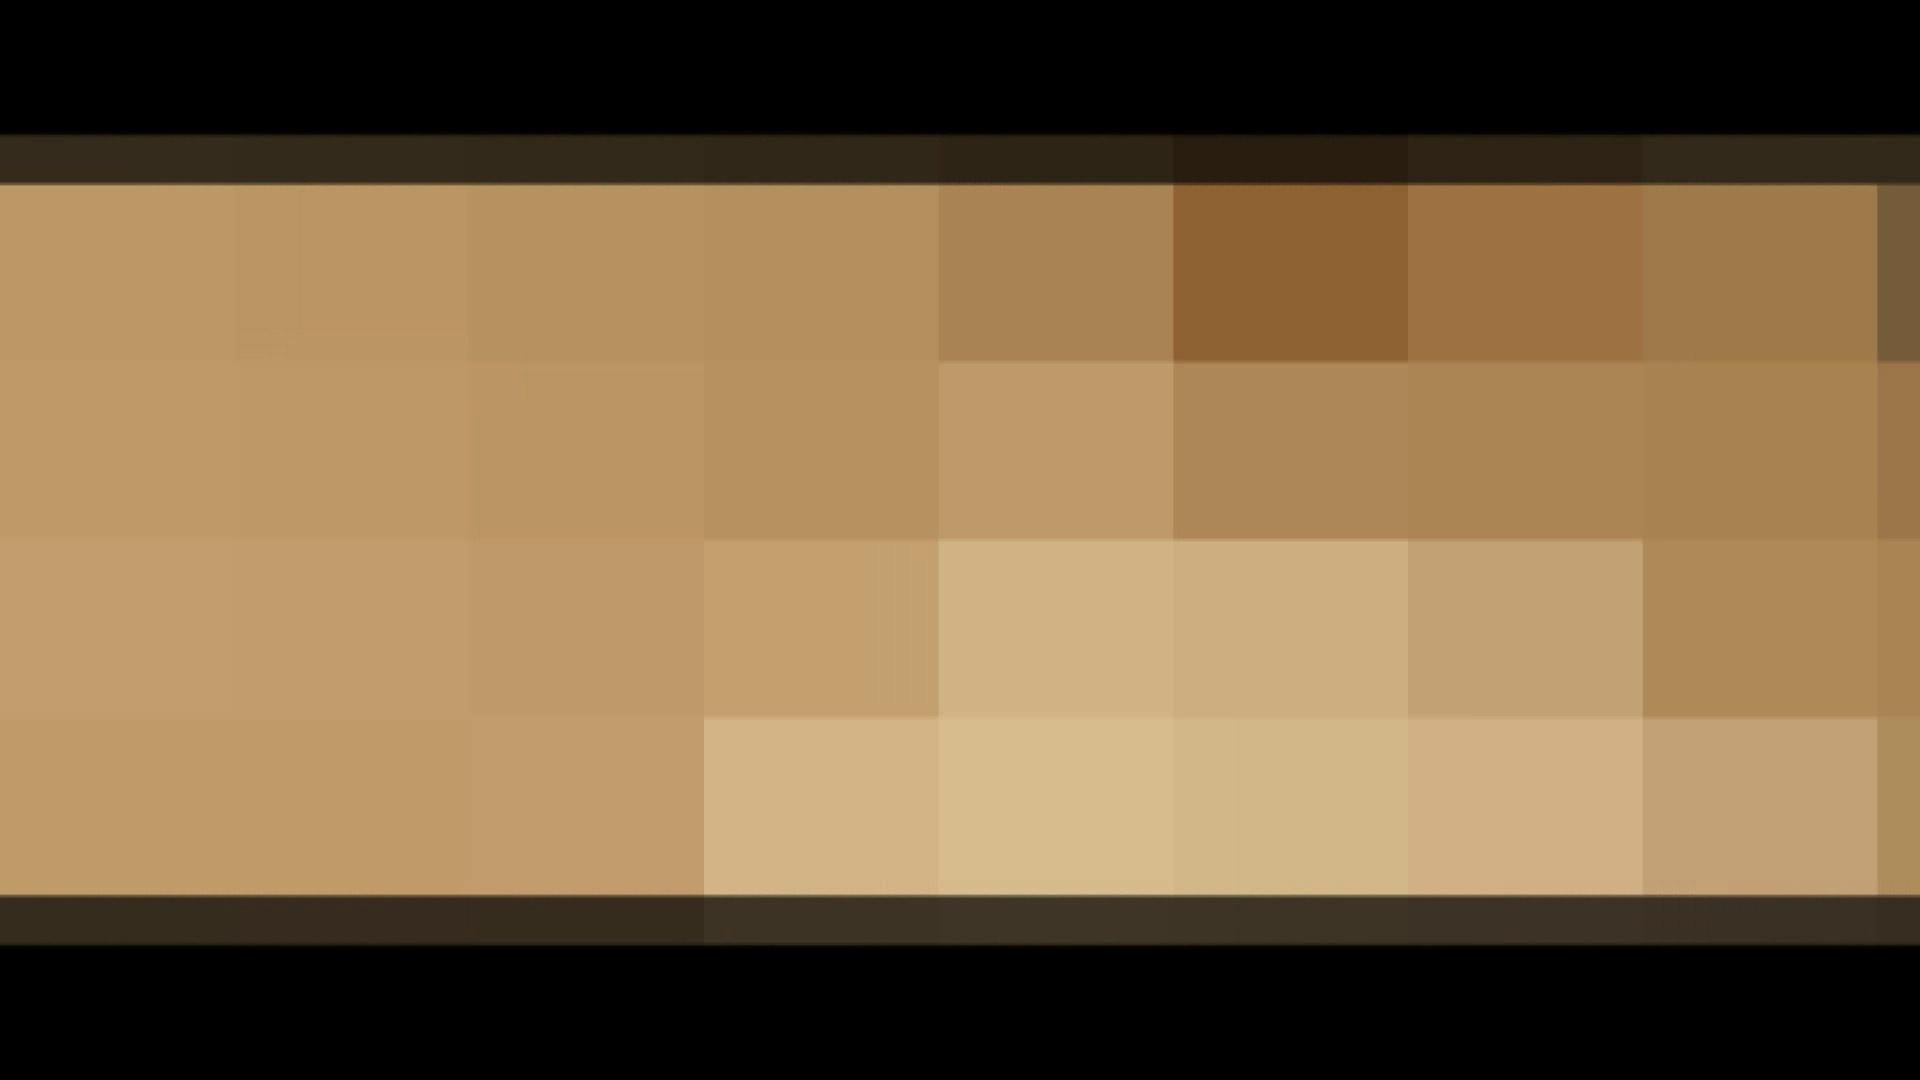 世界の射窓から vol.30 巨乳 すけべAV動画紹介 99枚 48